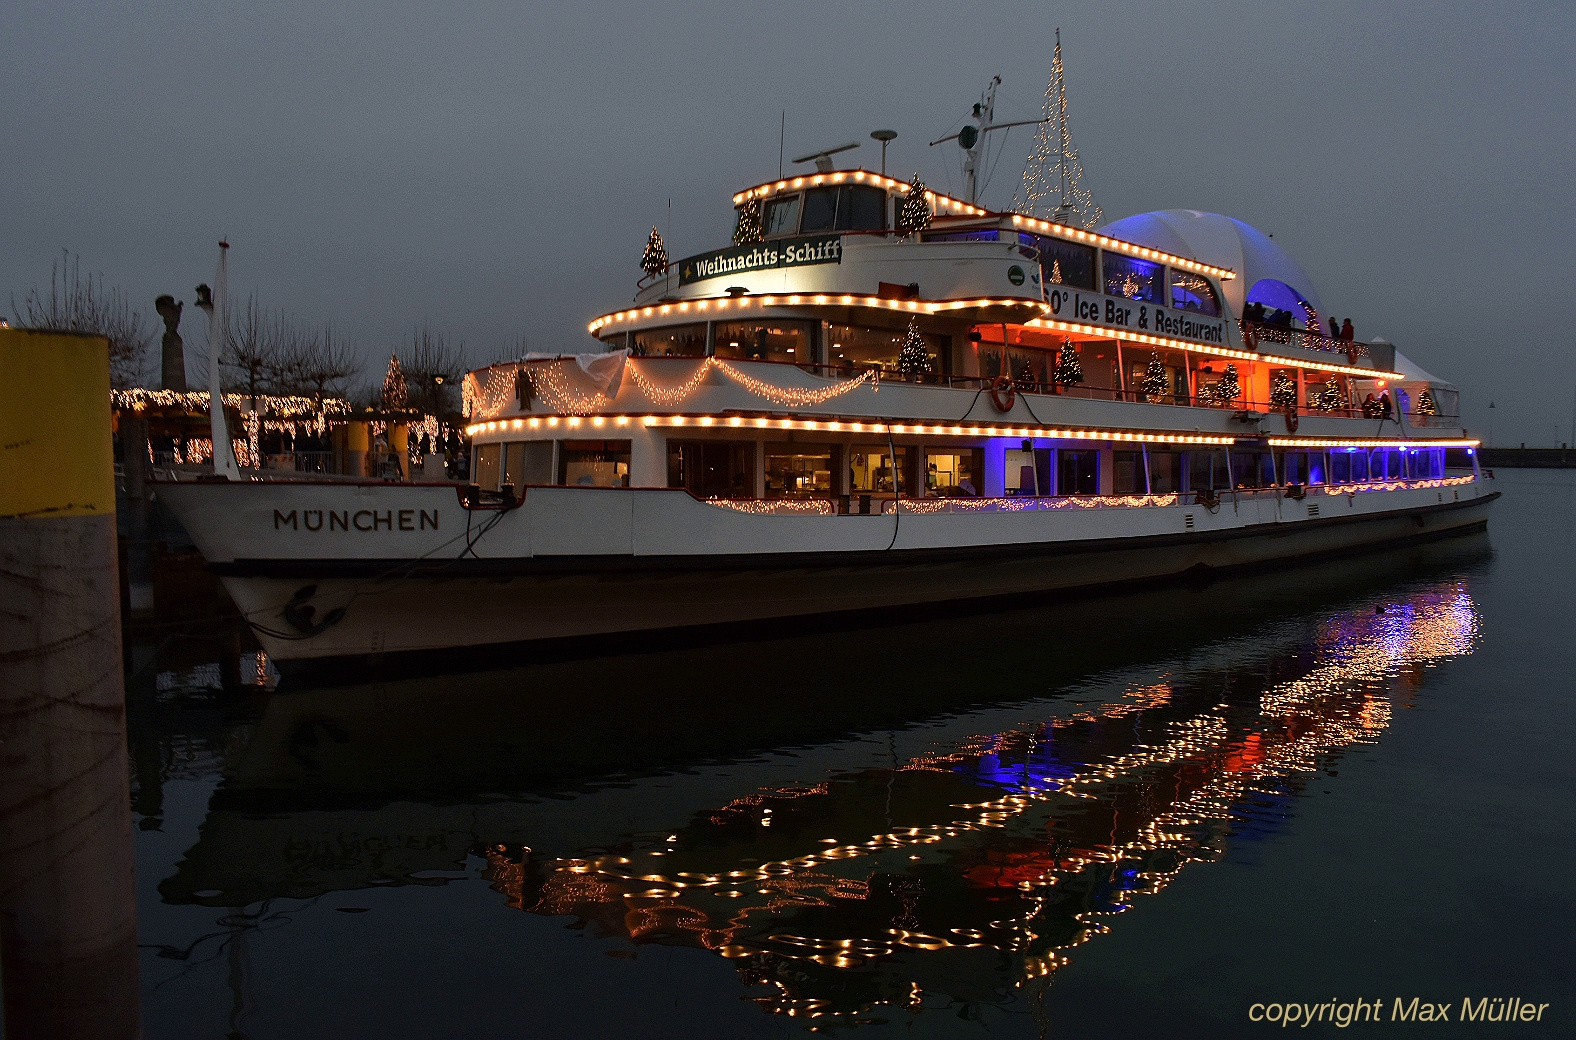 Konstanzer Weihnachtsschiff